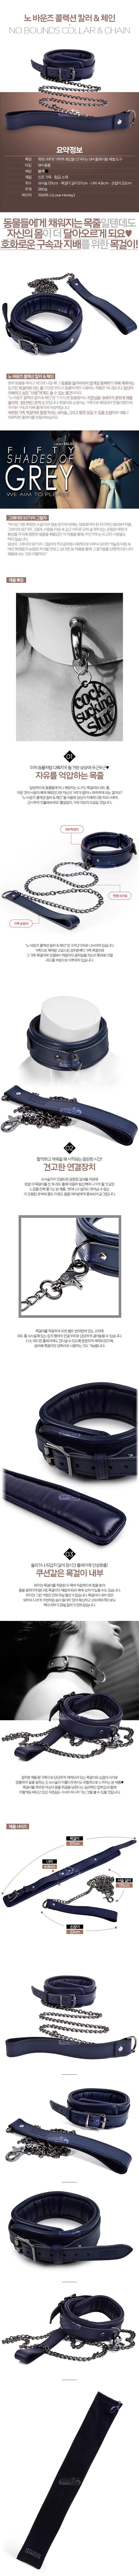 [영국 직수입] 노 바운즈 콜렉션 칼러 & 체인(No Bounds Collection Collar & Chain)